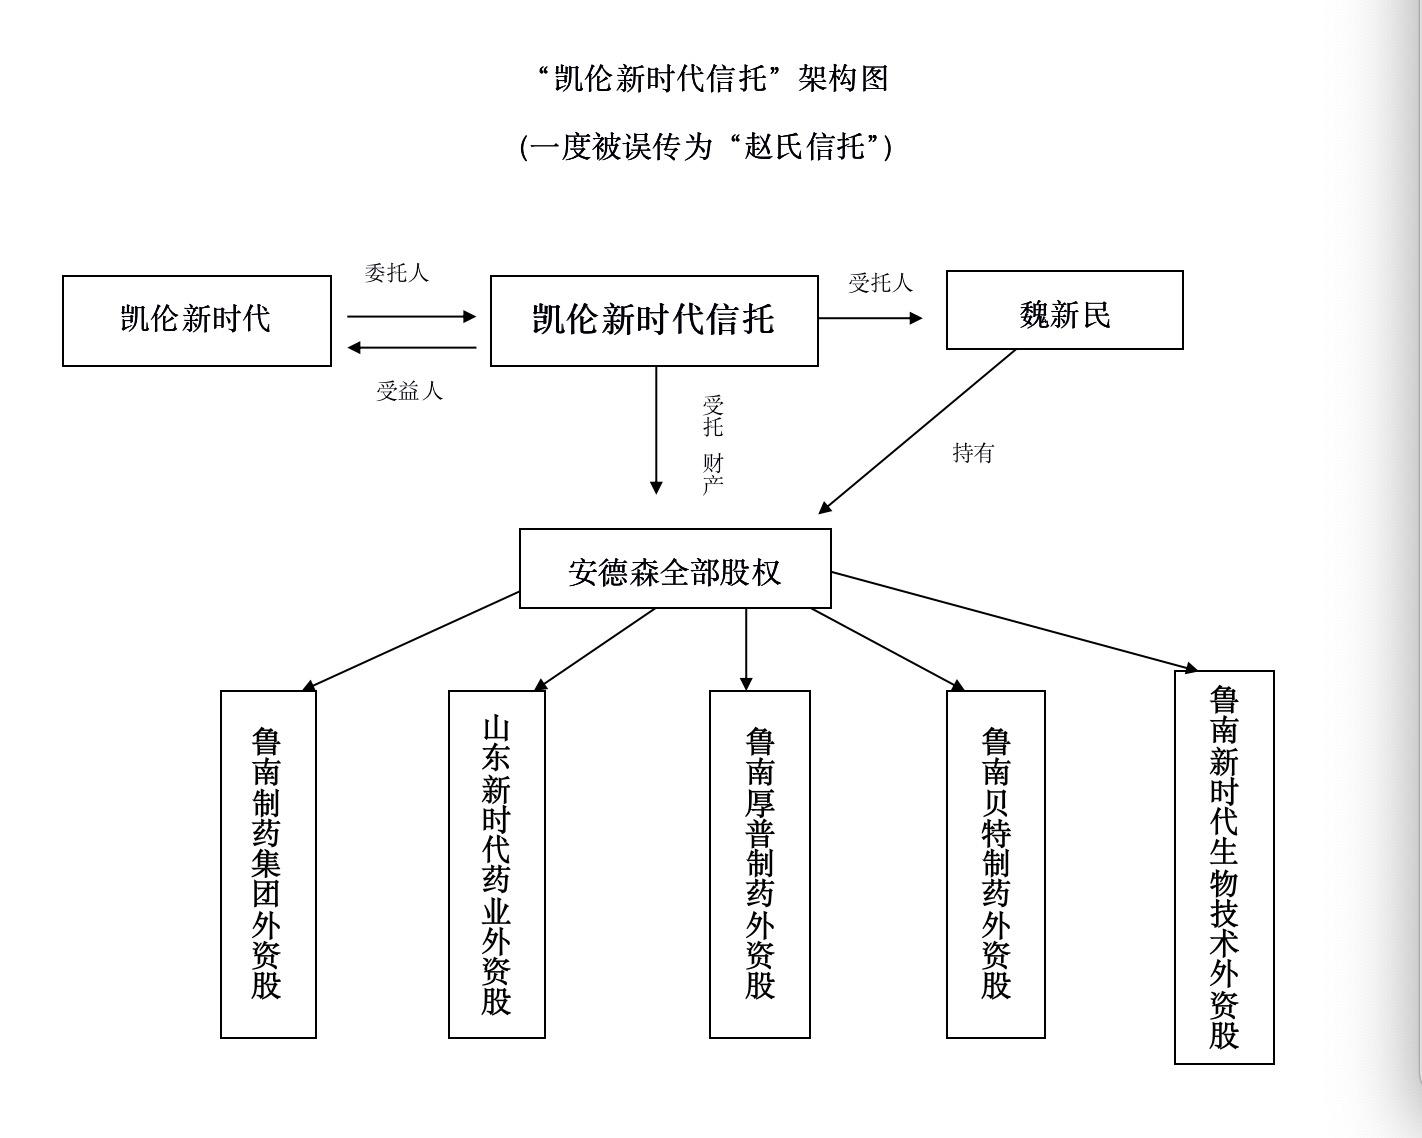 鲁南制药04.jpg